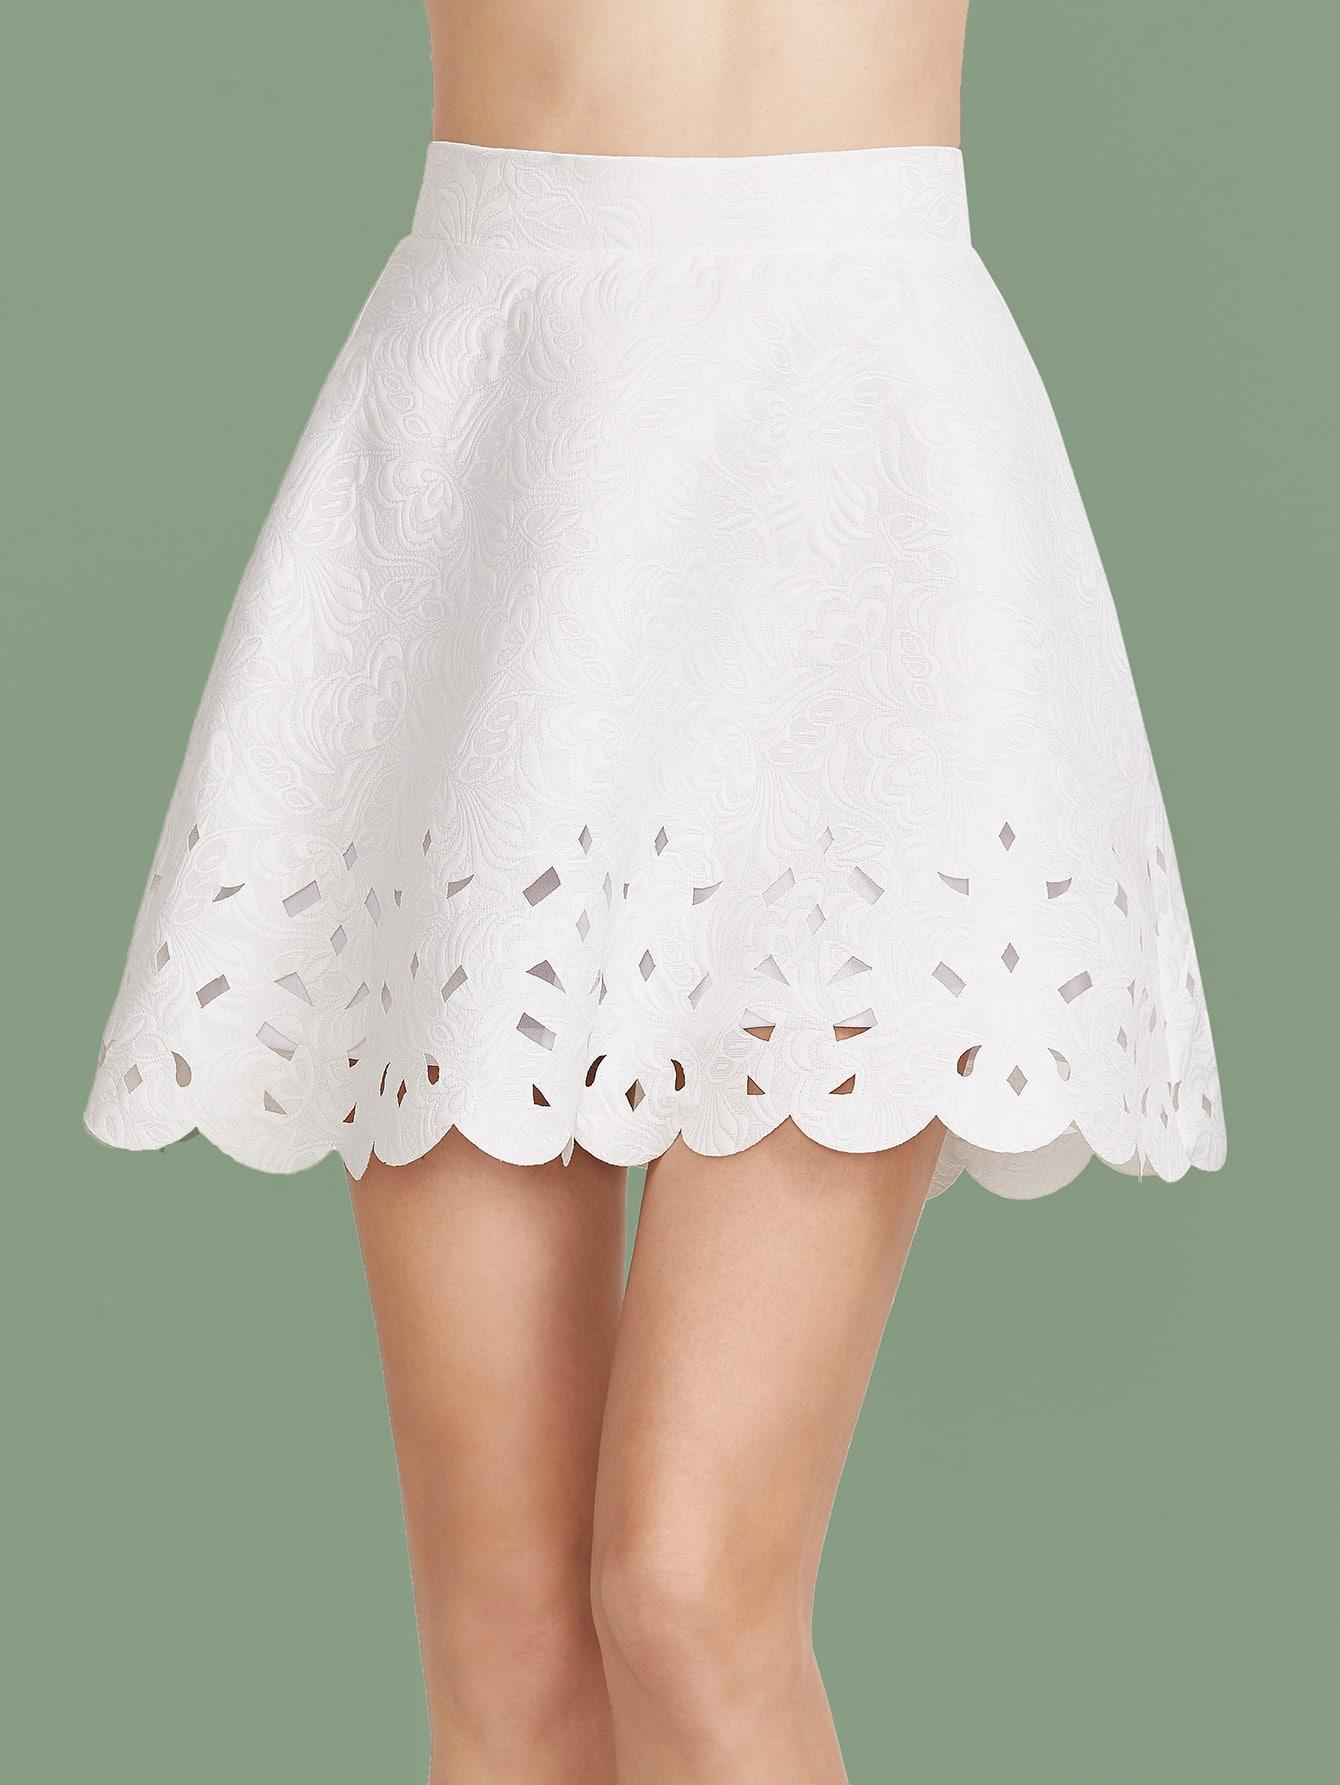 skirt170109701_2